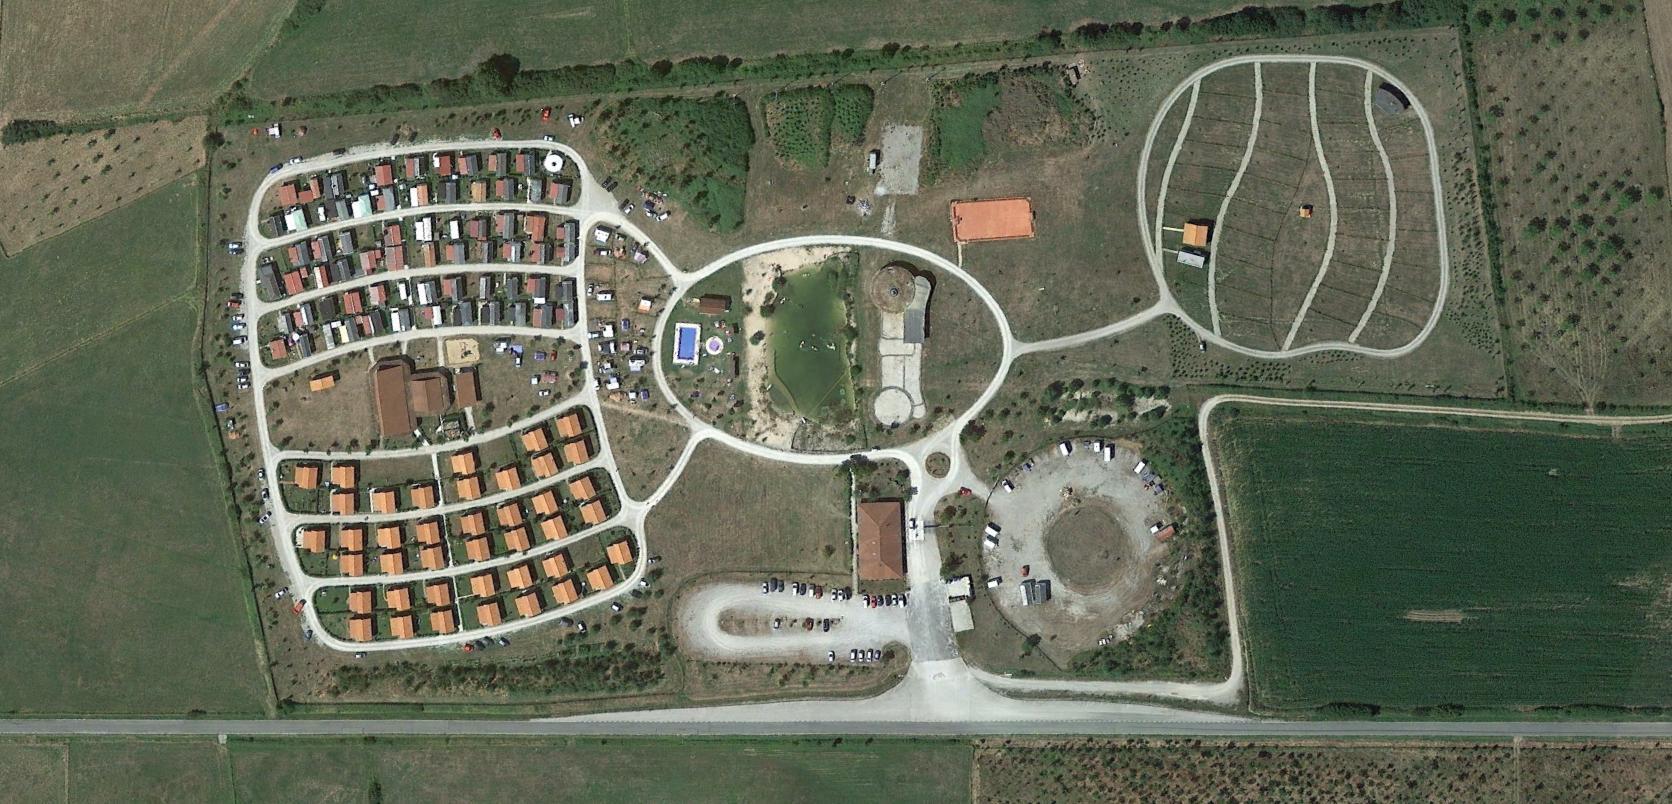 cámping arbizu, navarra, trailer park, después, urbanismo, planeamiento, urbano, desastre, urbanístico, construcción, rotondas, carretera